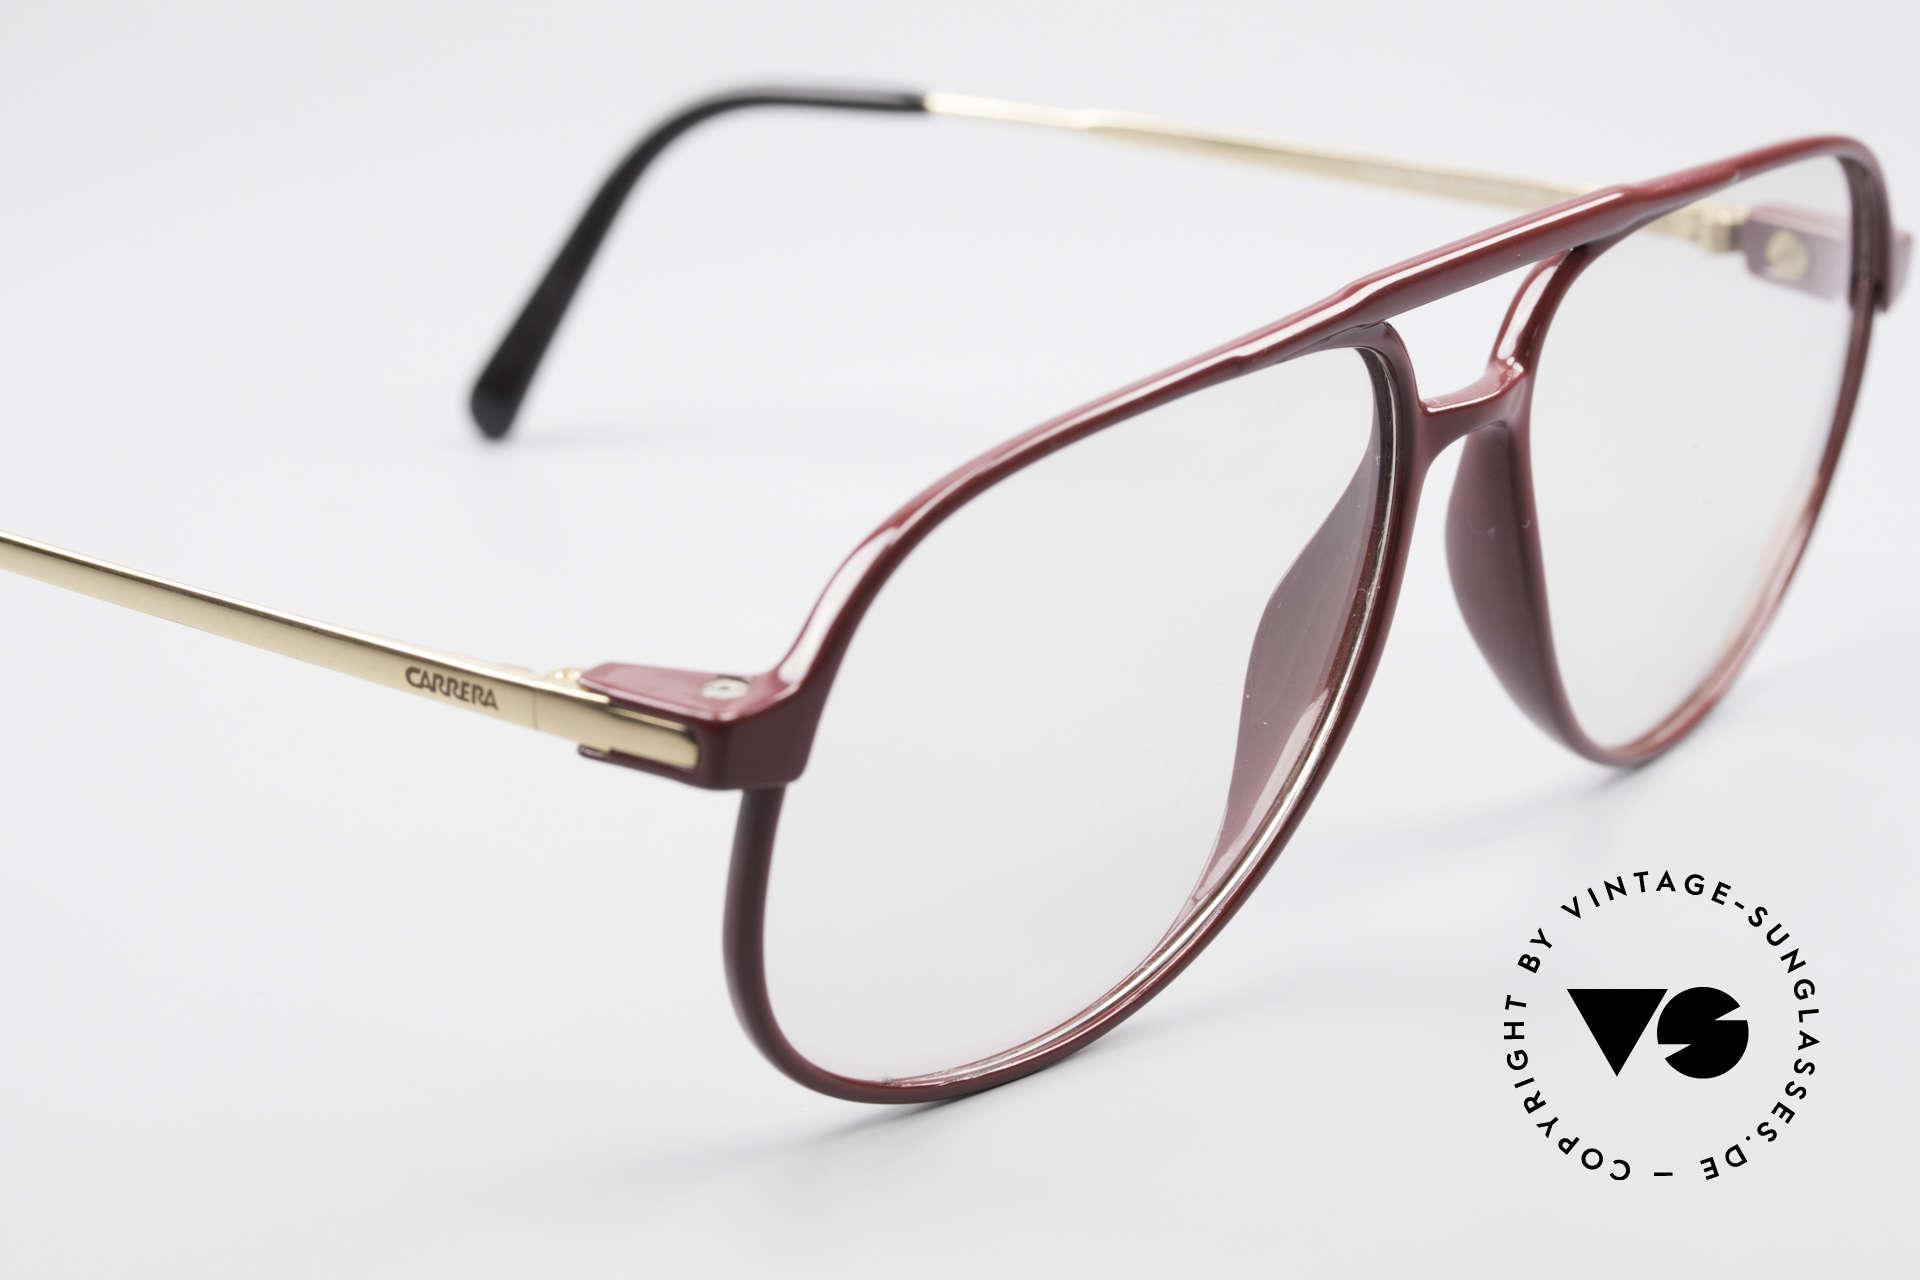 Carrera 5355 Kohlefaser Brille 90er Original, noble Kolorierung in einer Art weinrot / rostbraun, Passend für Herren